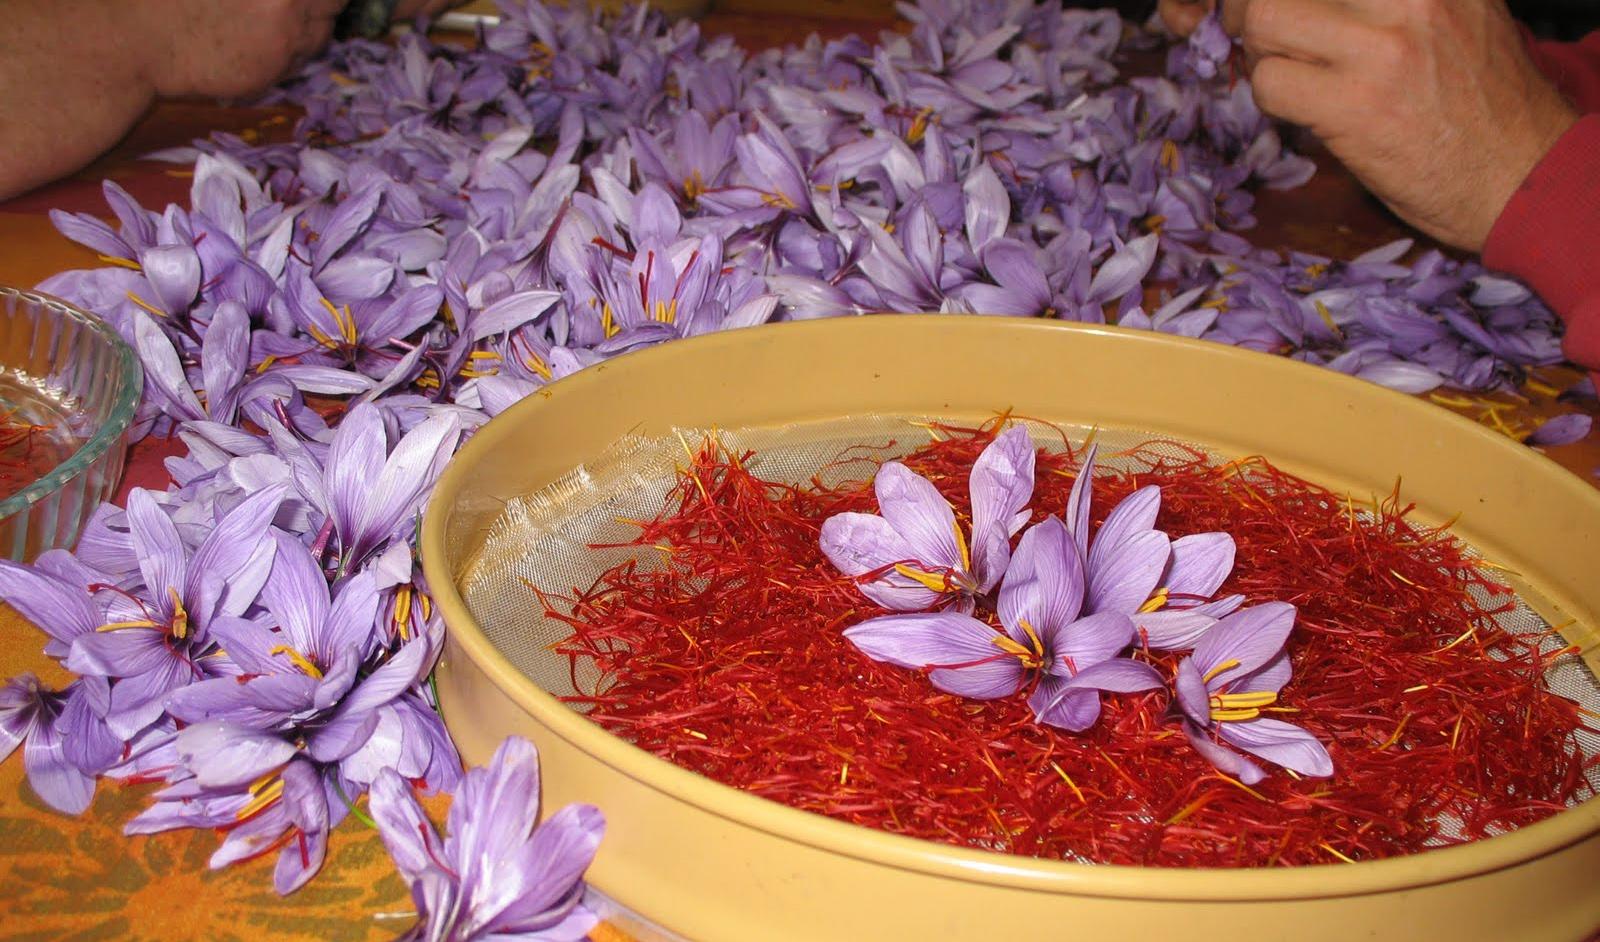 قیمت زعفران به ۱۰.۵ میلیون تومان رسید